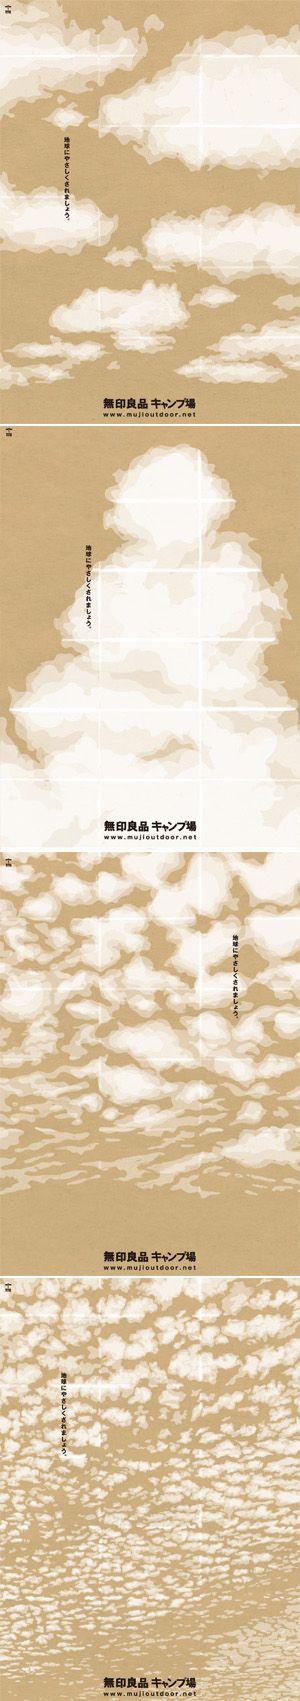 advertising set | Muji Outdoor 無印良品キャンプ場 by Norito Shinmura #japan #japanese #advertising